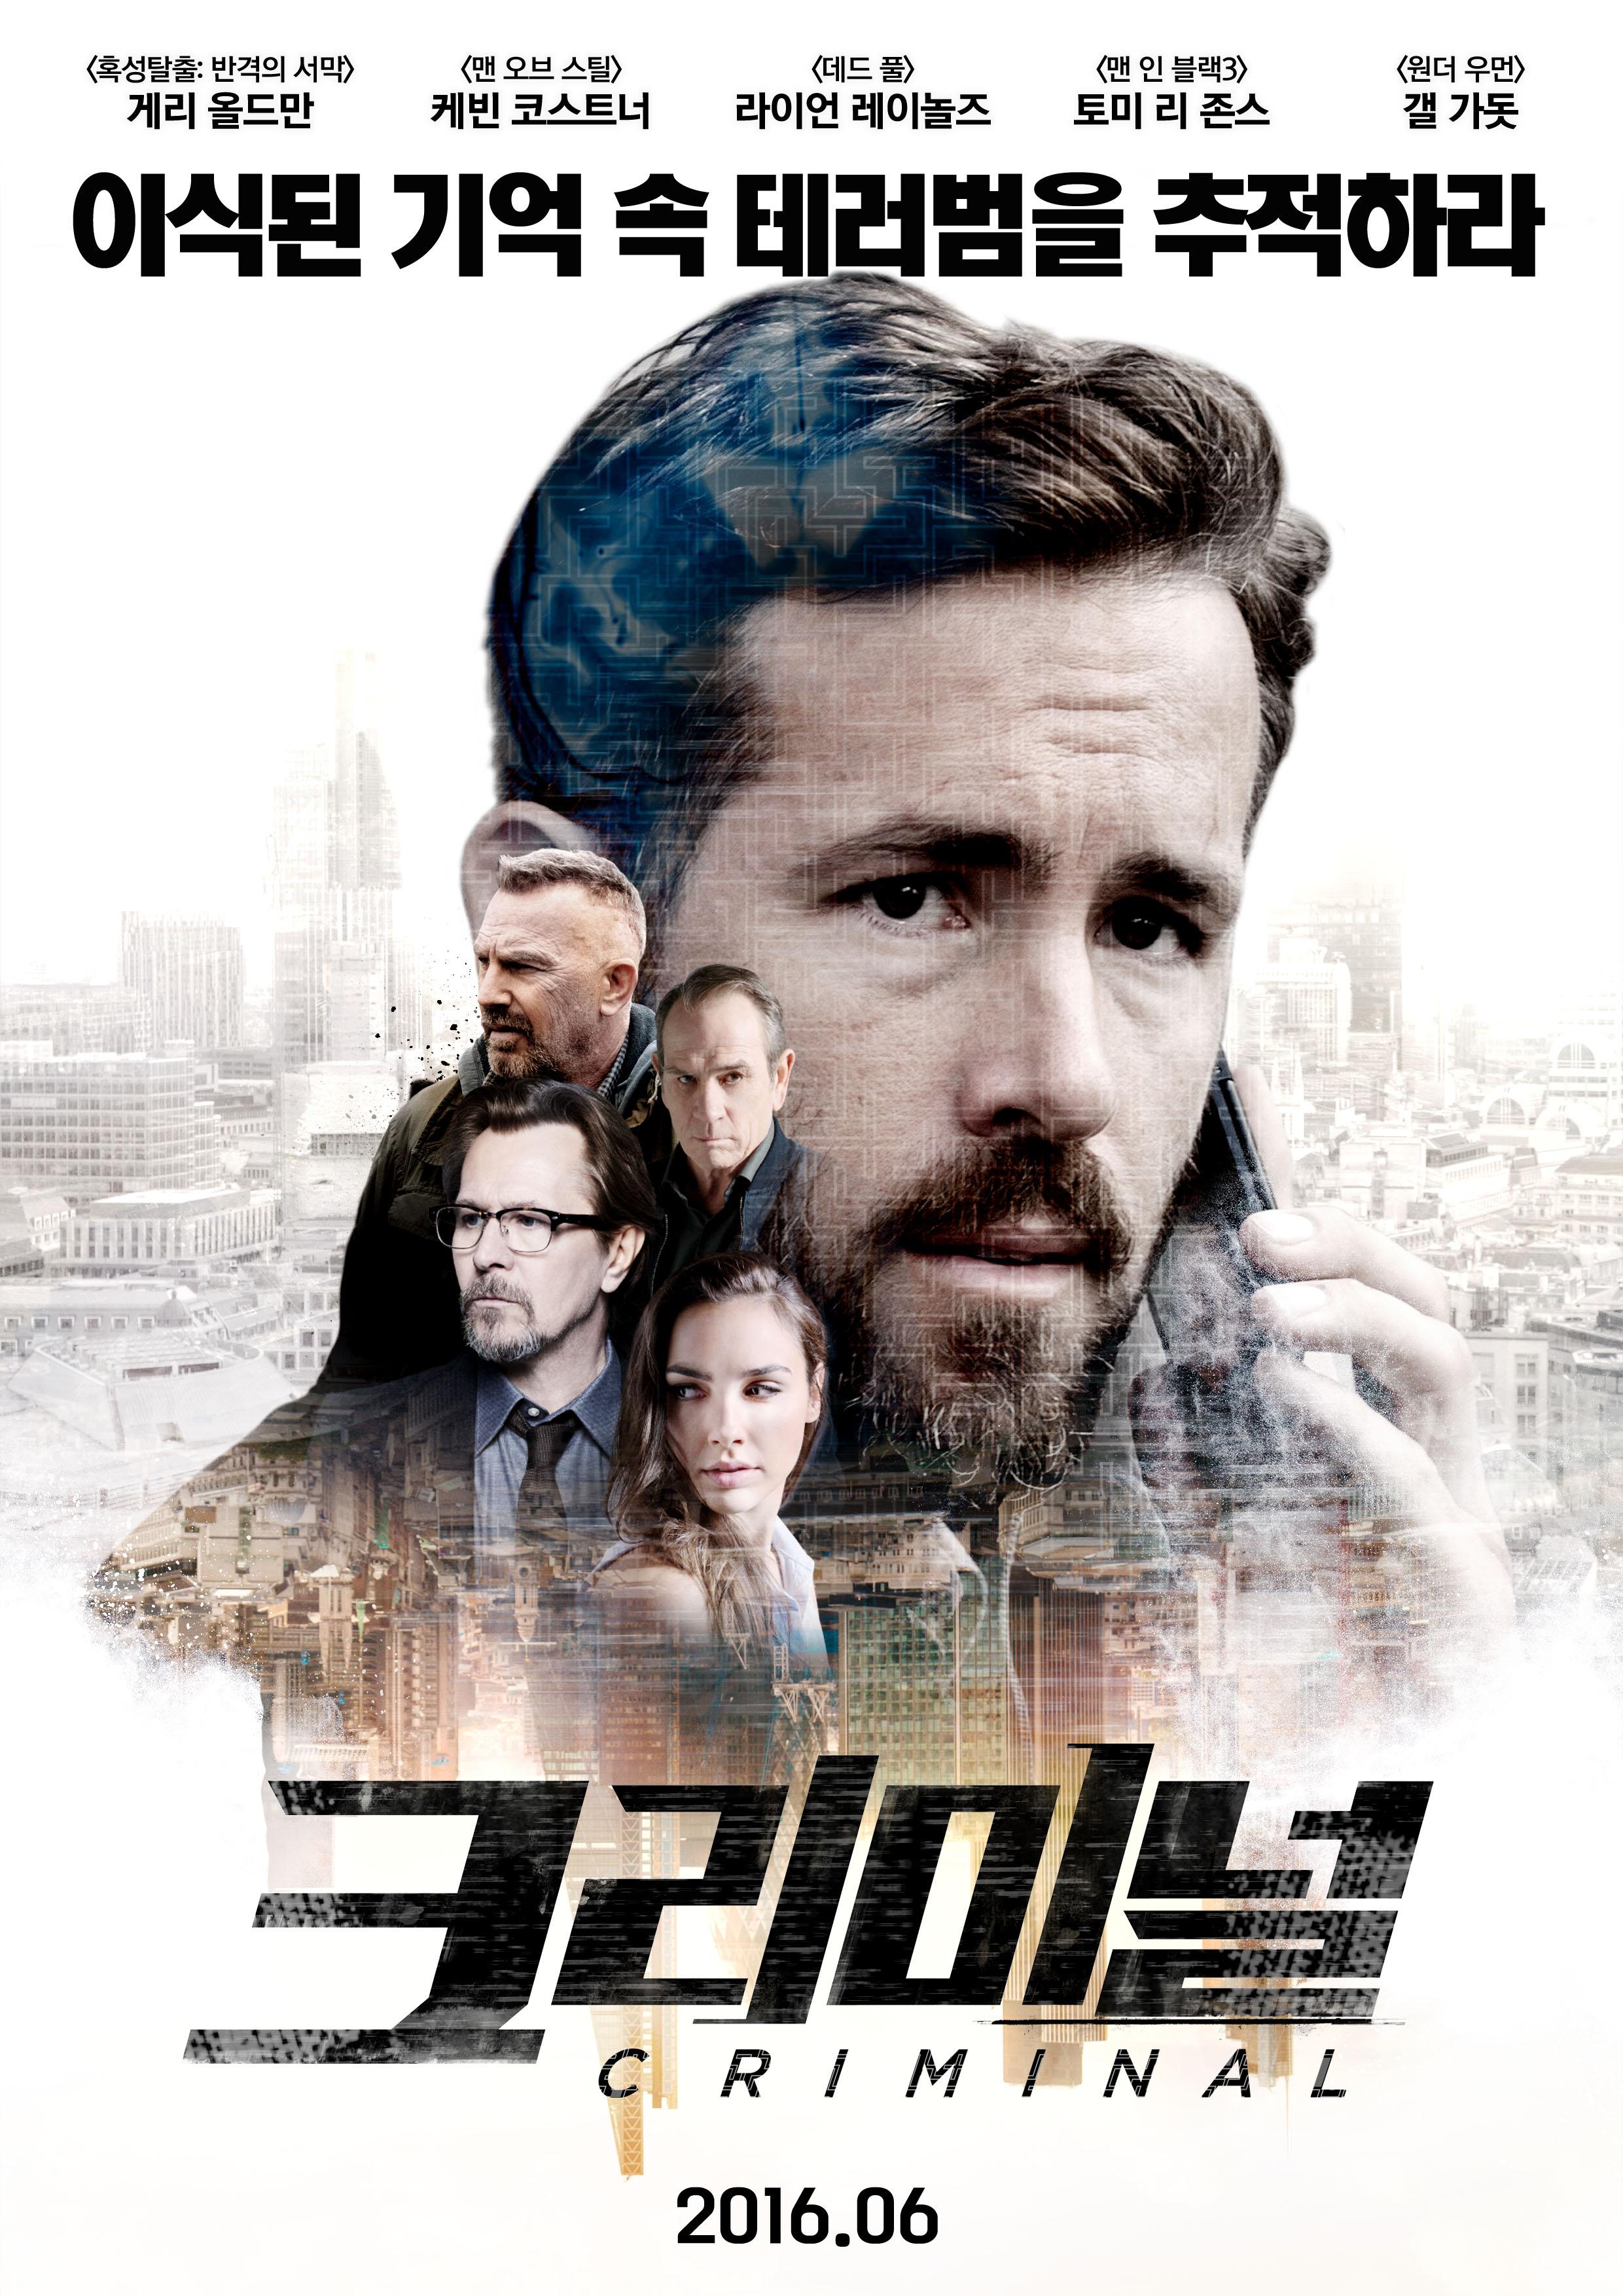 크리미널 - 평범함 그 아래에 있는 영화